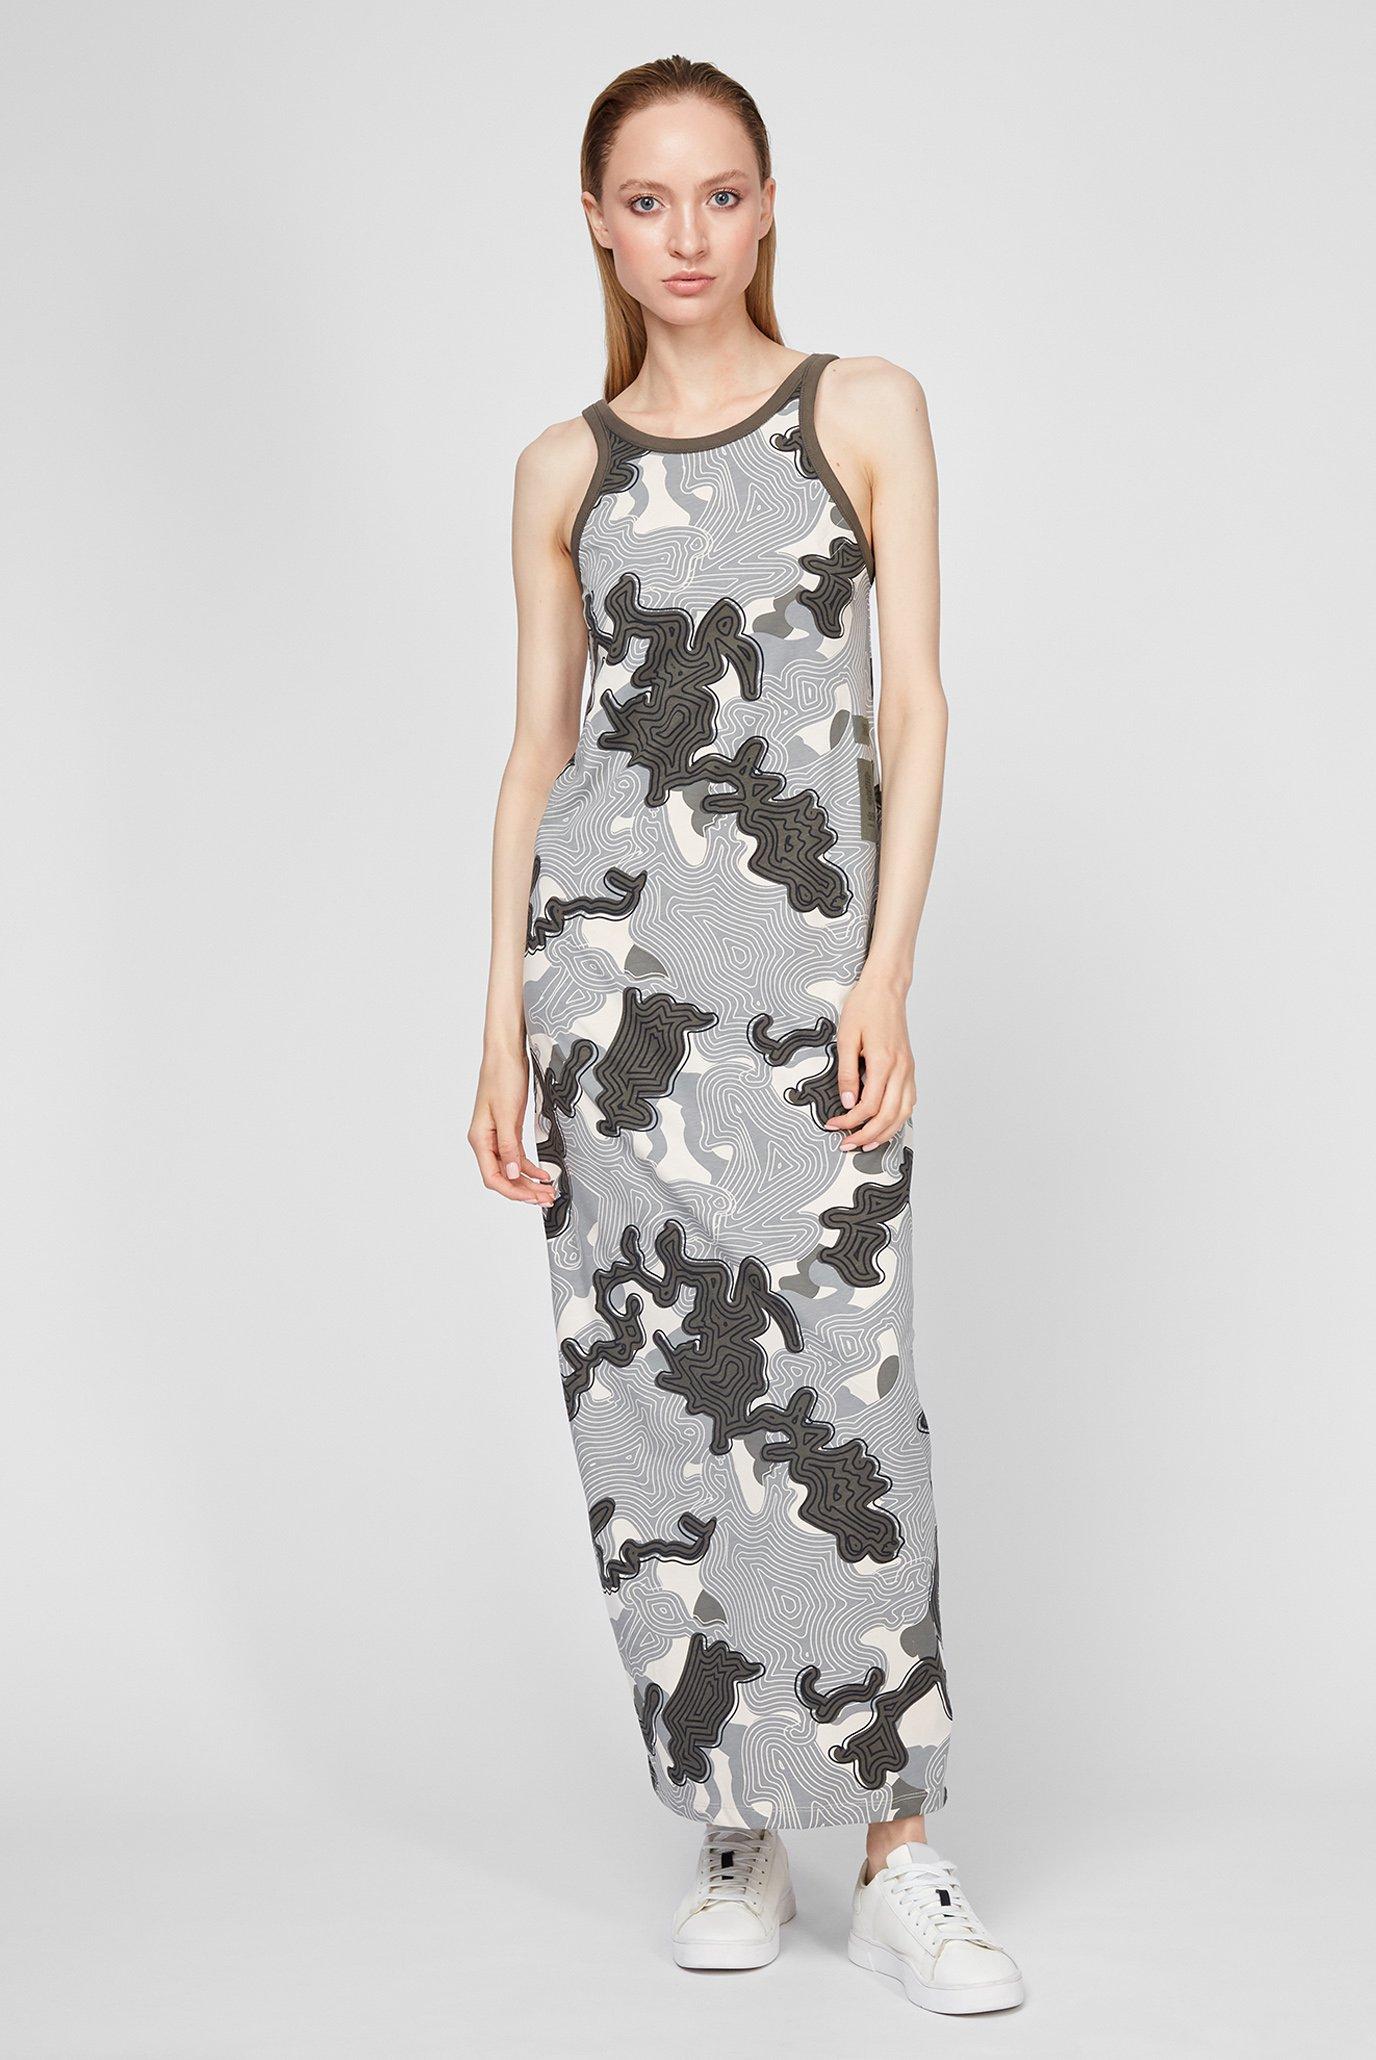 Жіноча сукня AOP maxi tank top dress 1